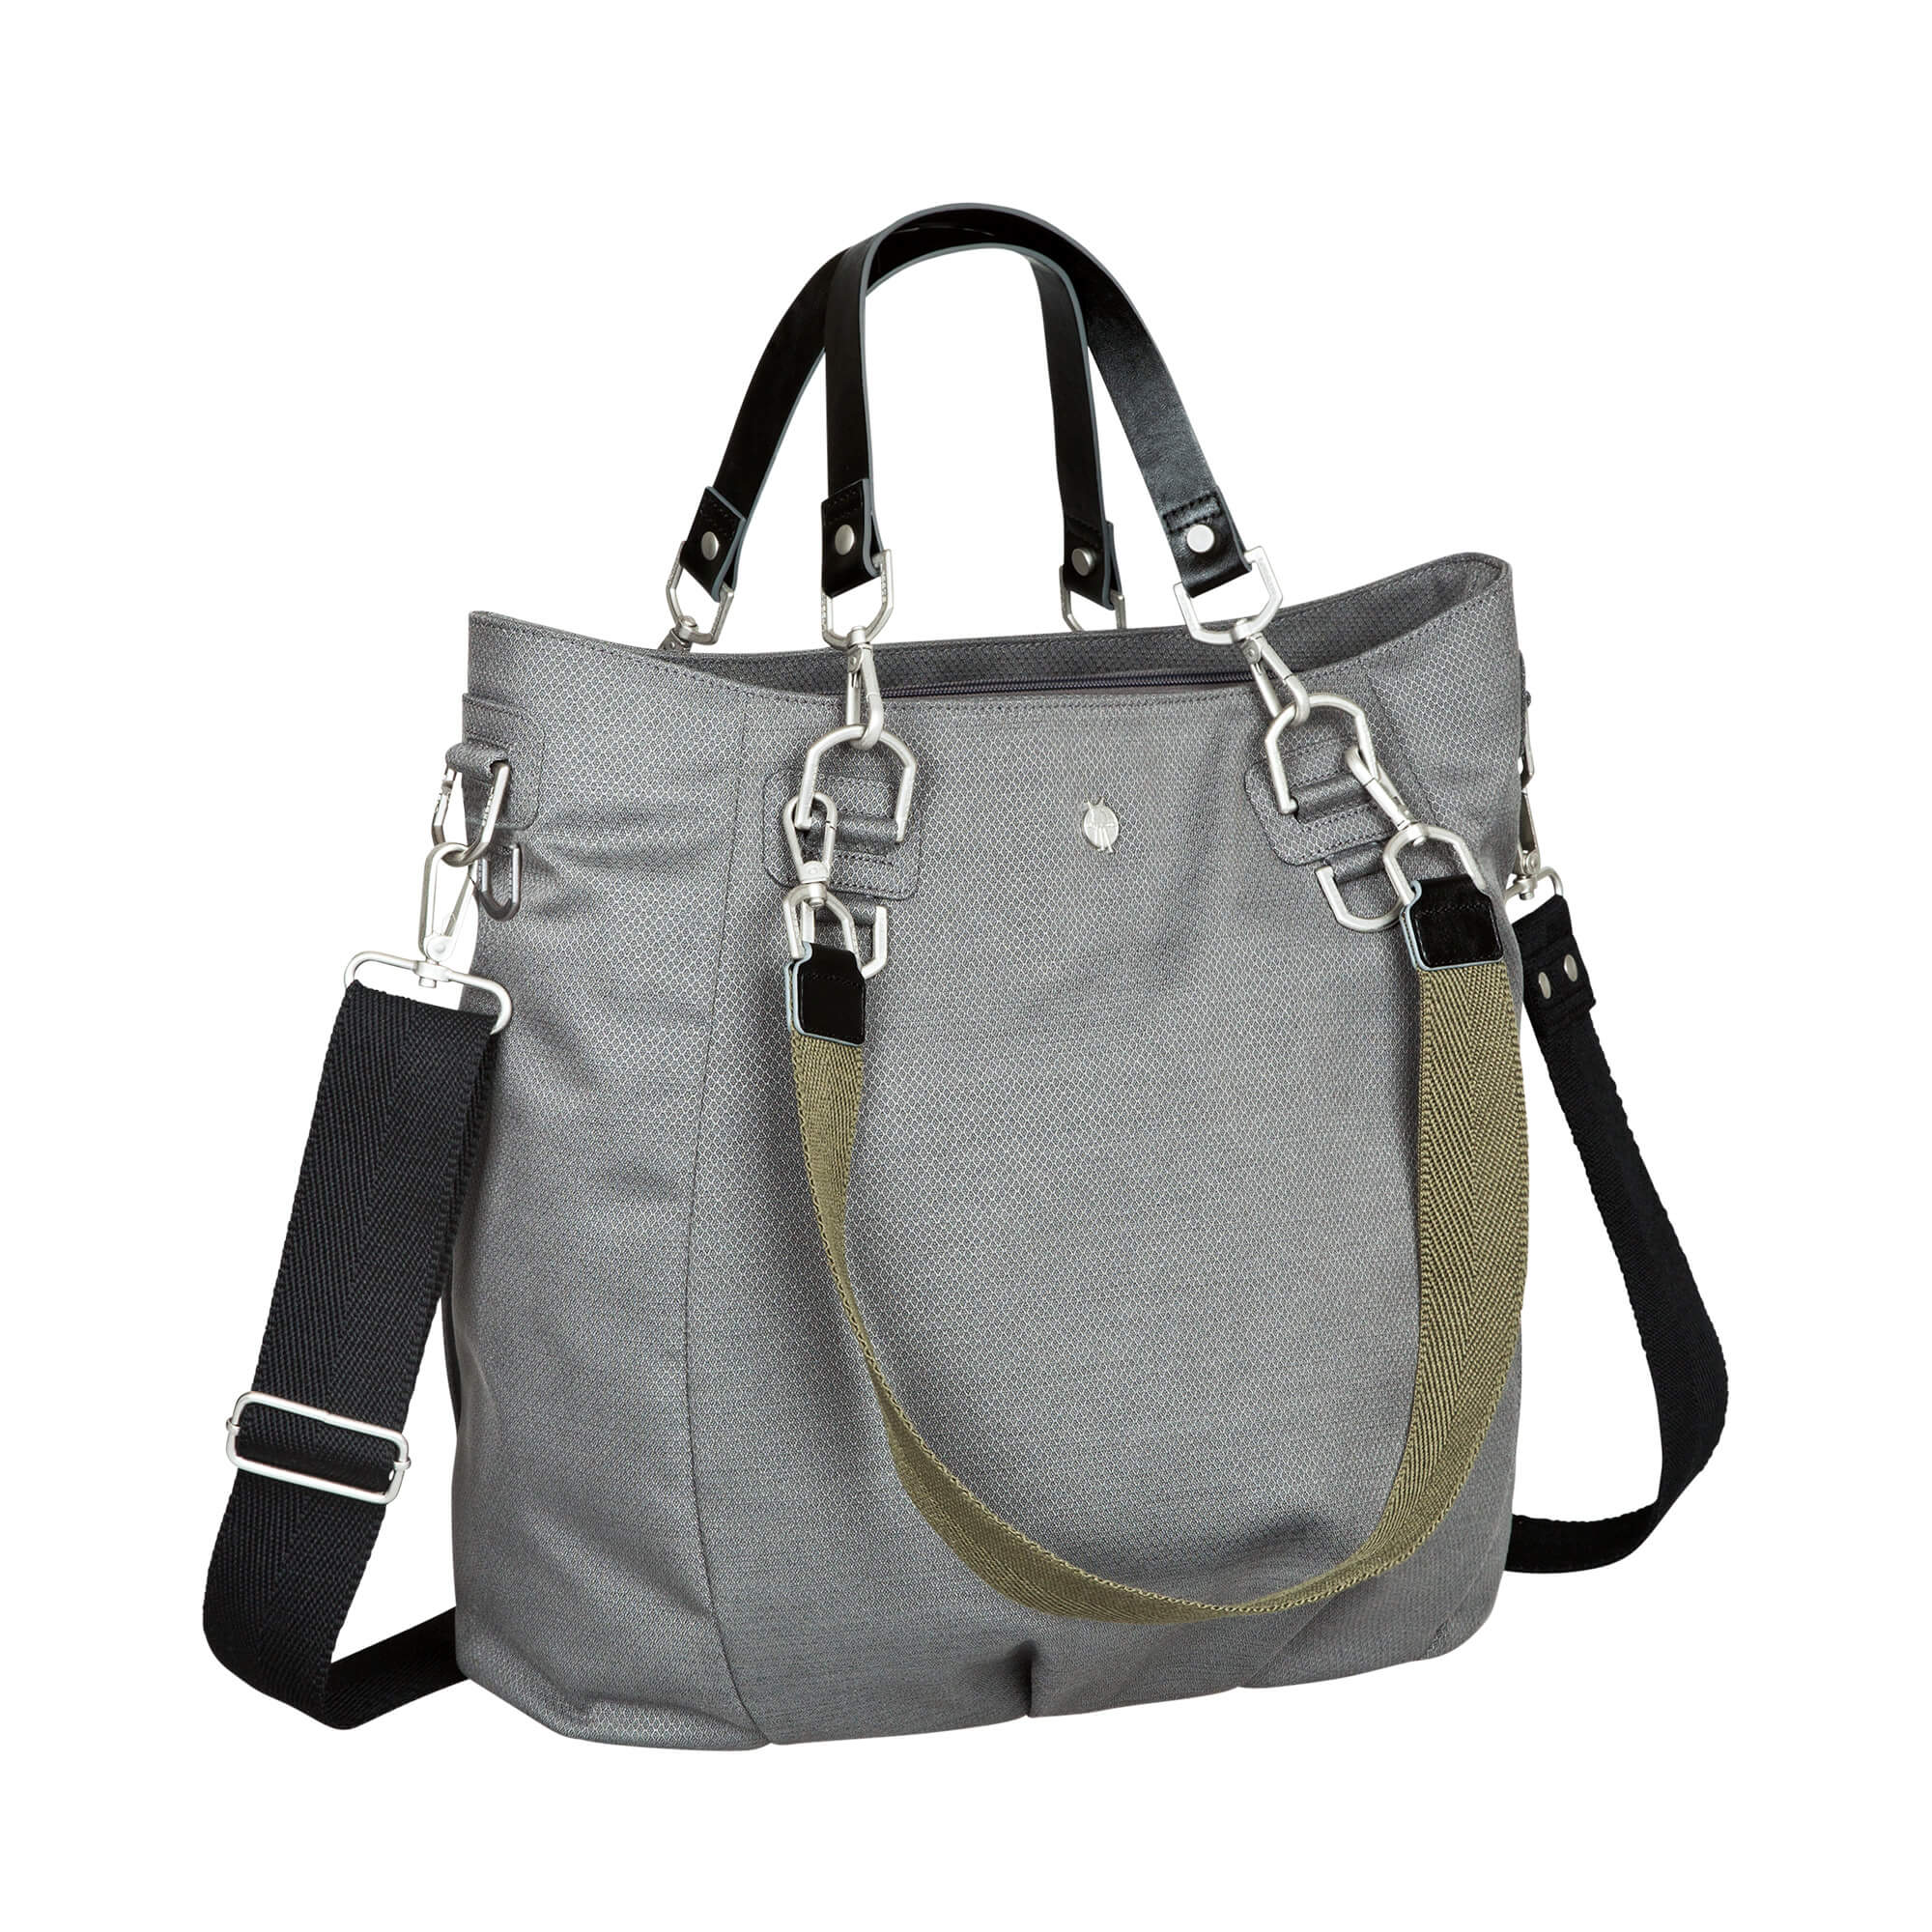 c363f29c5833 Mix 'n Match Bag, anthracite | LÄSSIG FASHION